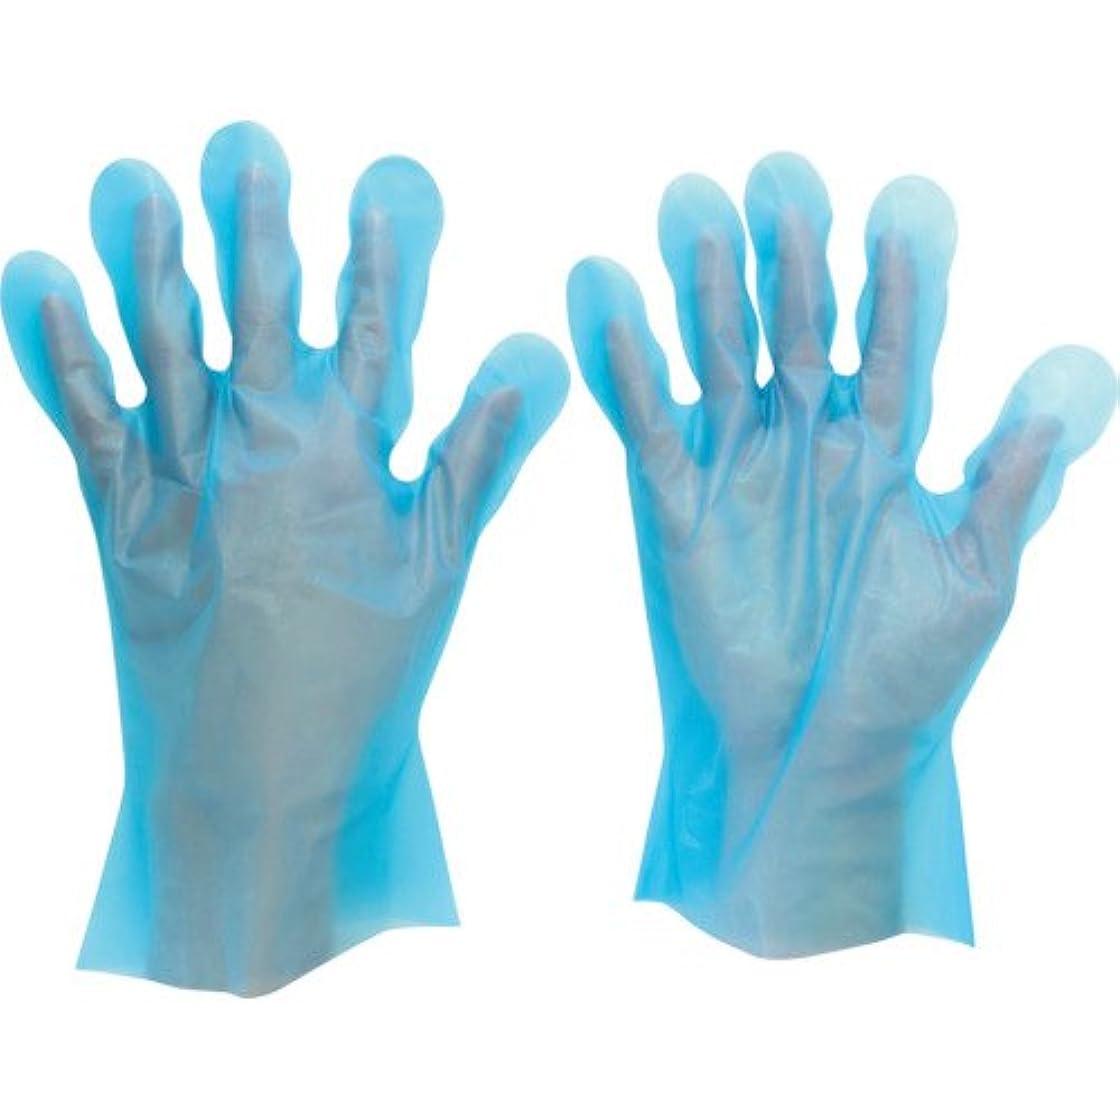 奨励しますパラメータロバミドリ安全 ポリエチレンディスポ手袋 ベルテ572 200枚入 S(入数:200枚) VERTE-572-S